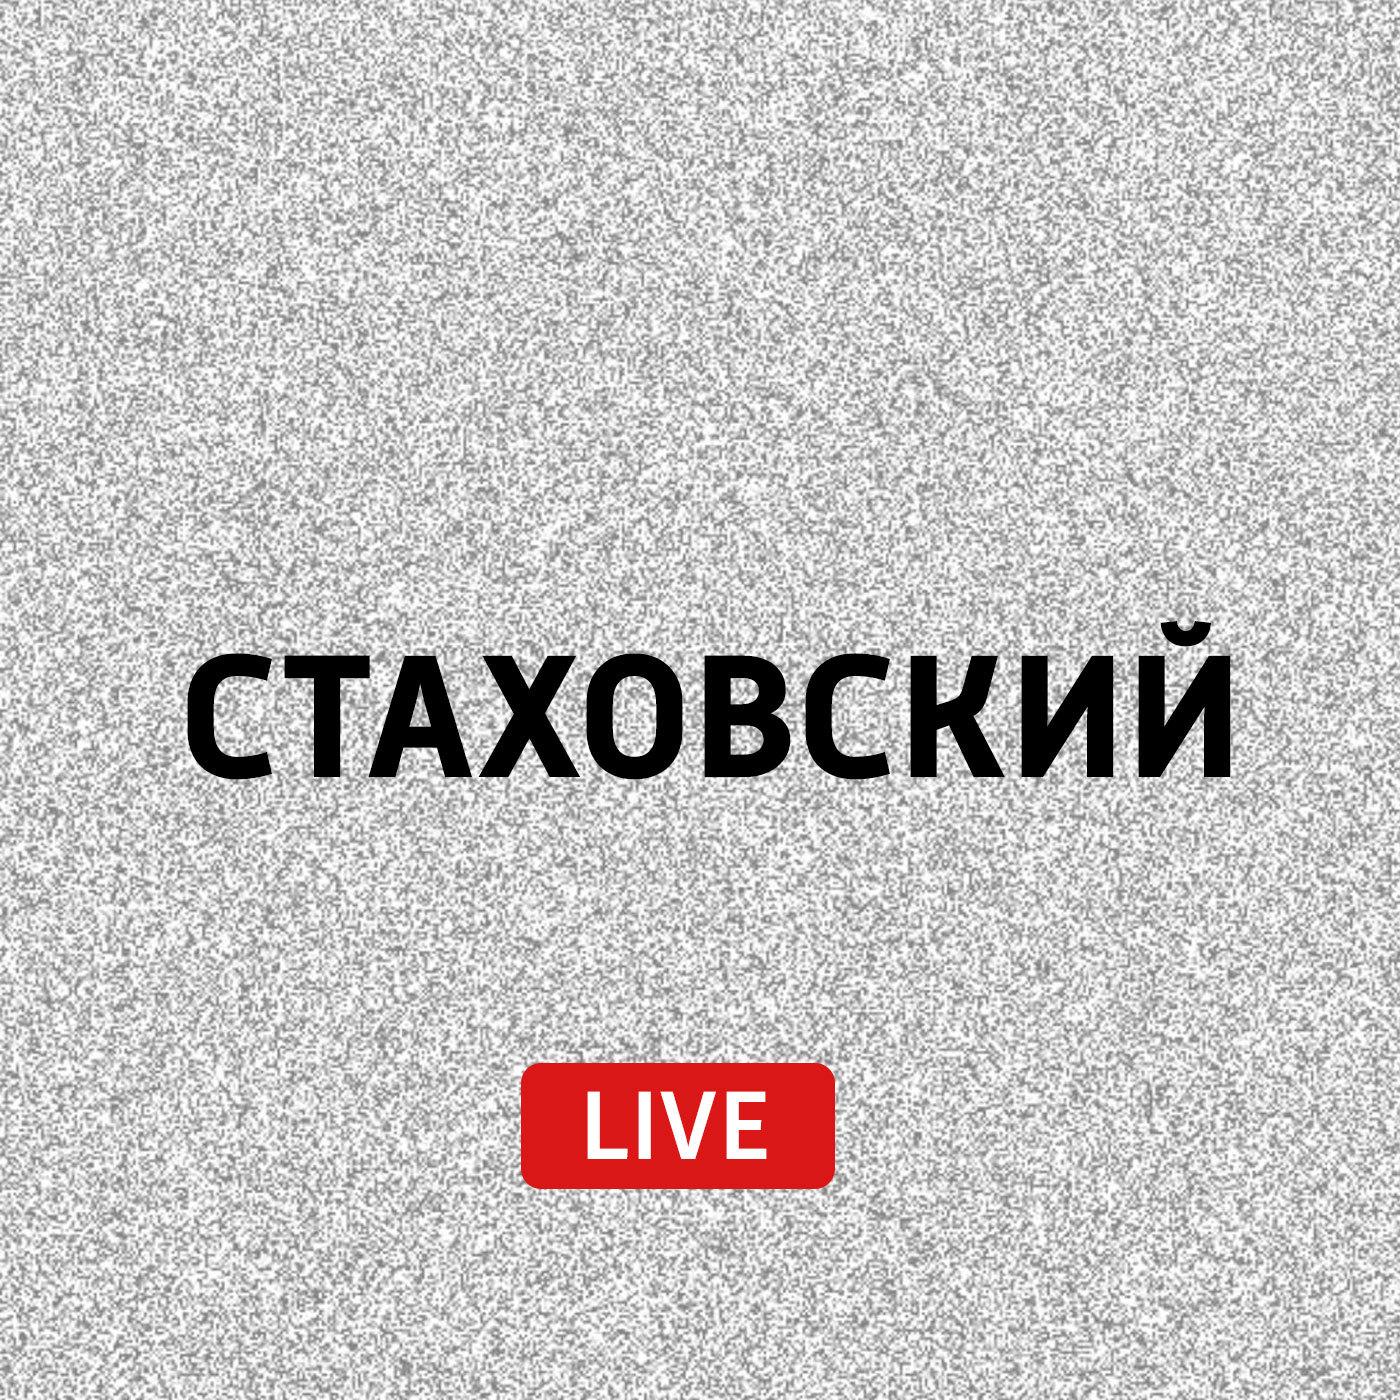 Евгений Стаховский Евгений Стаховский отвечает на сообщения слушателей евгений стаховский возвращение